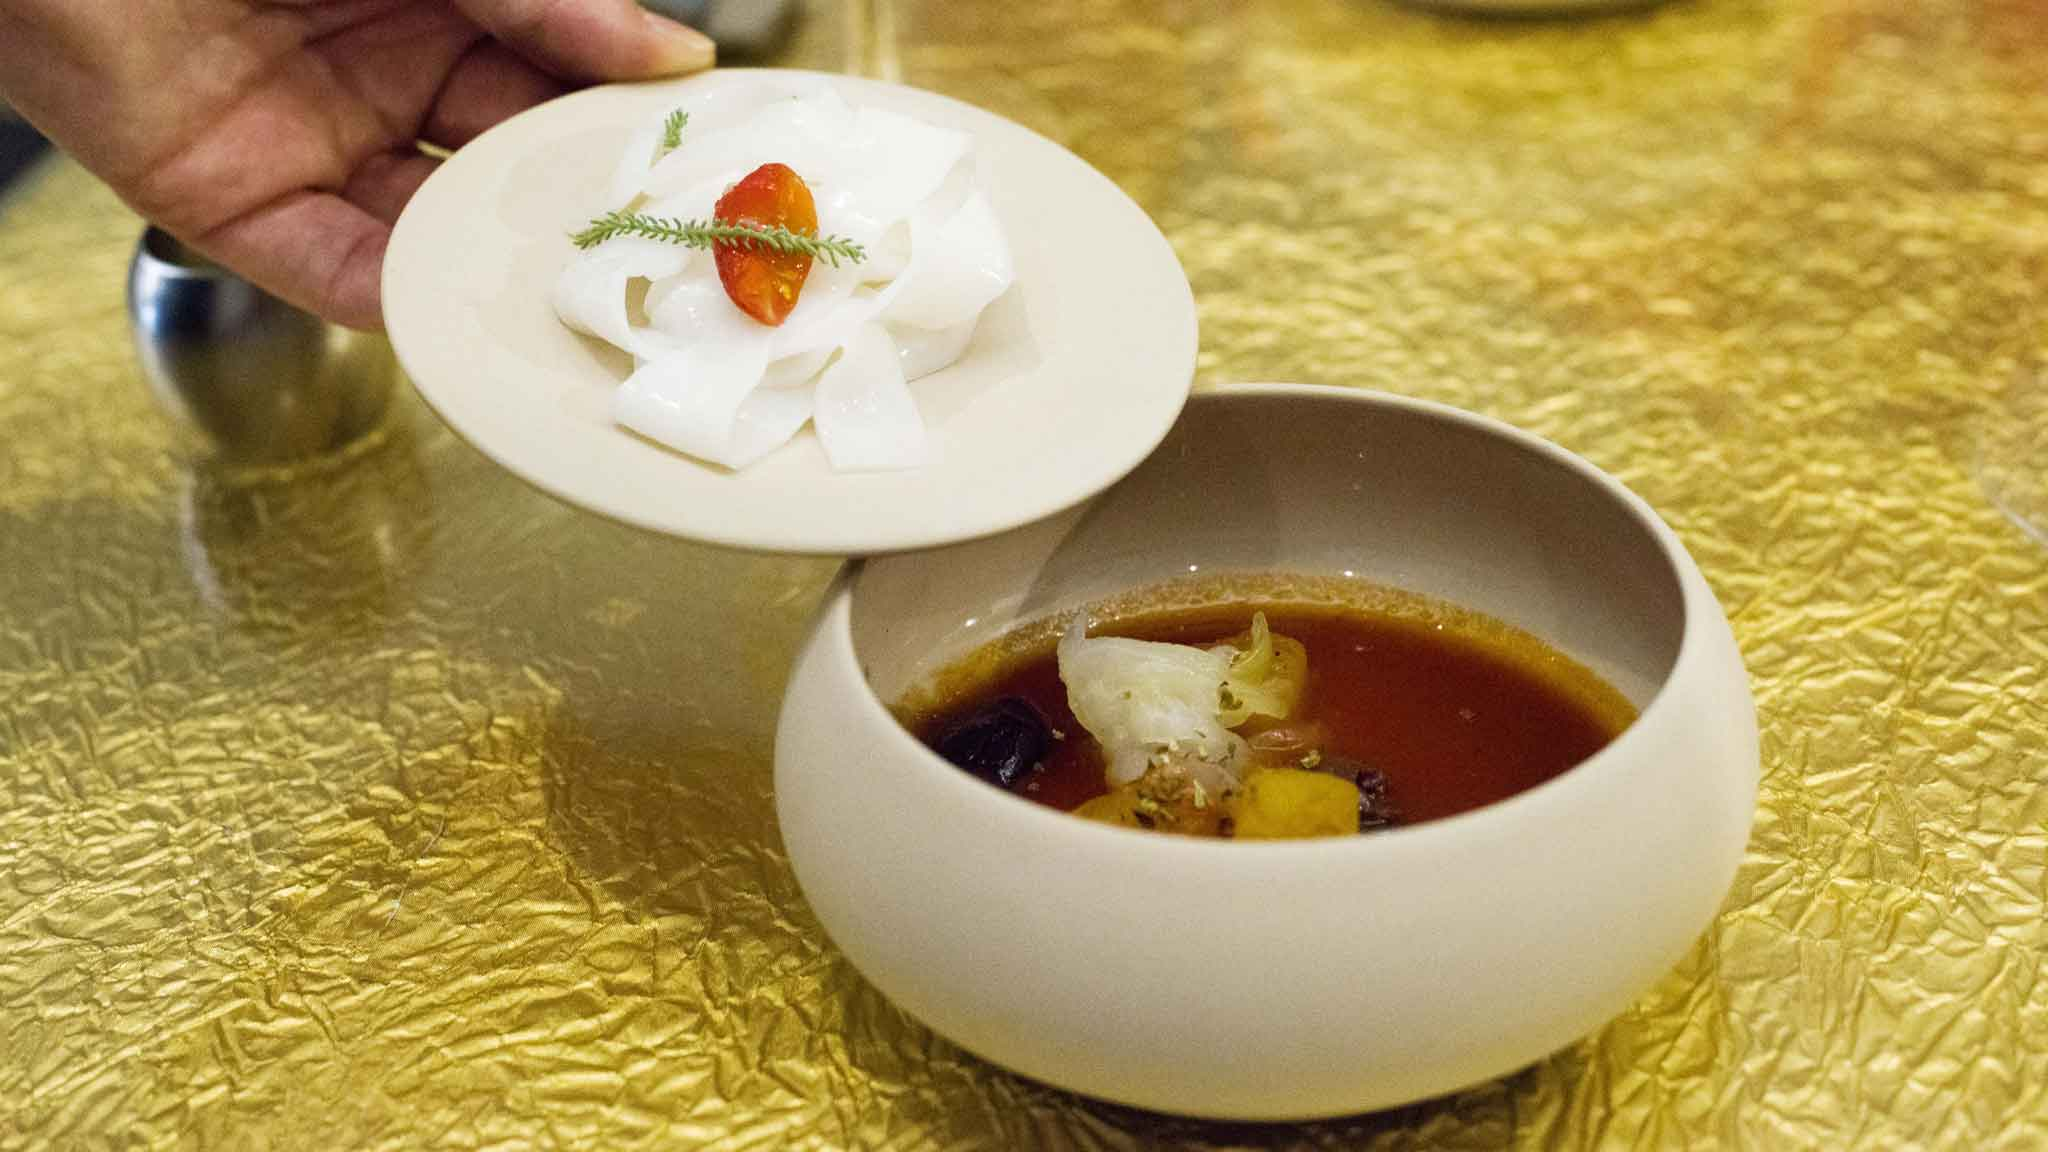 ristorante di cucina mediterranea rivisitata